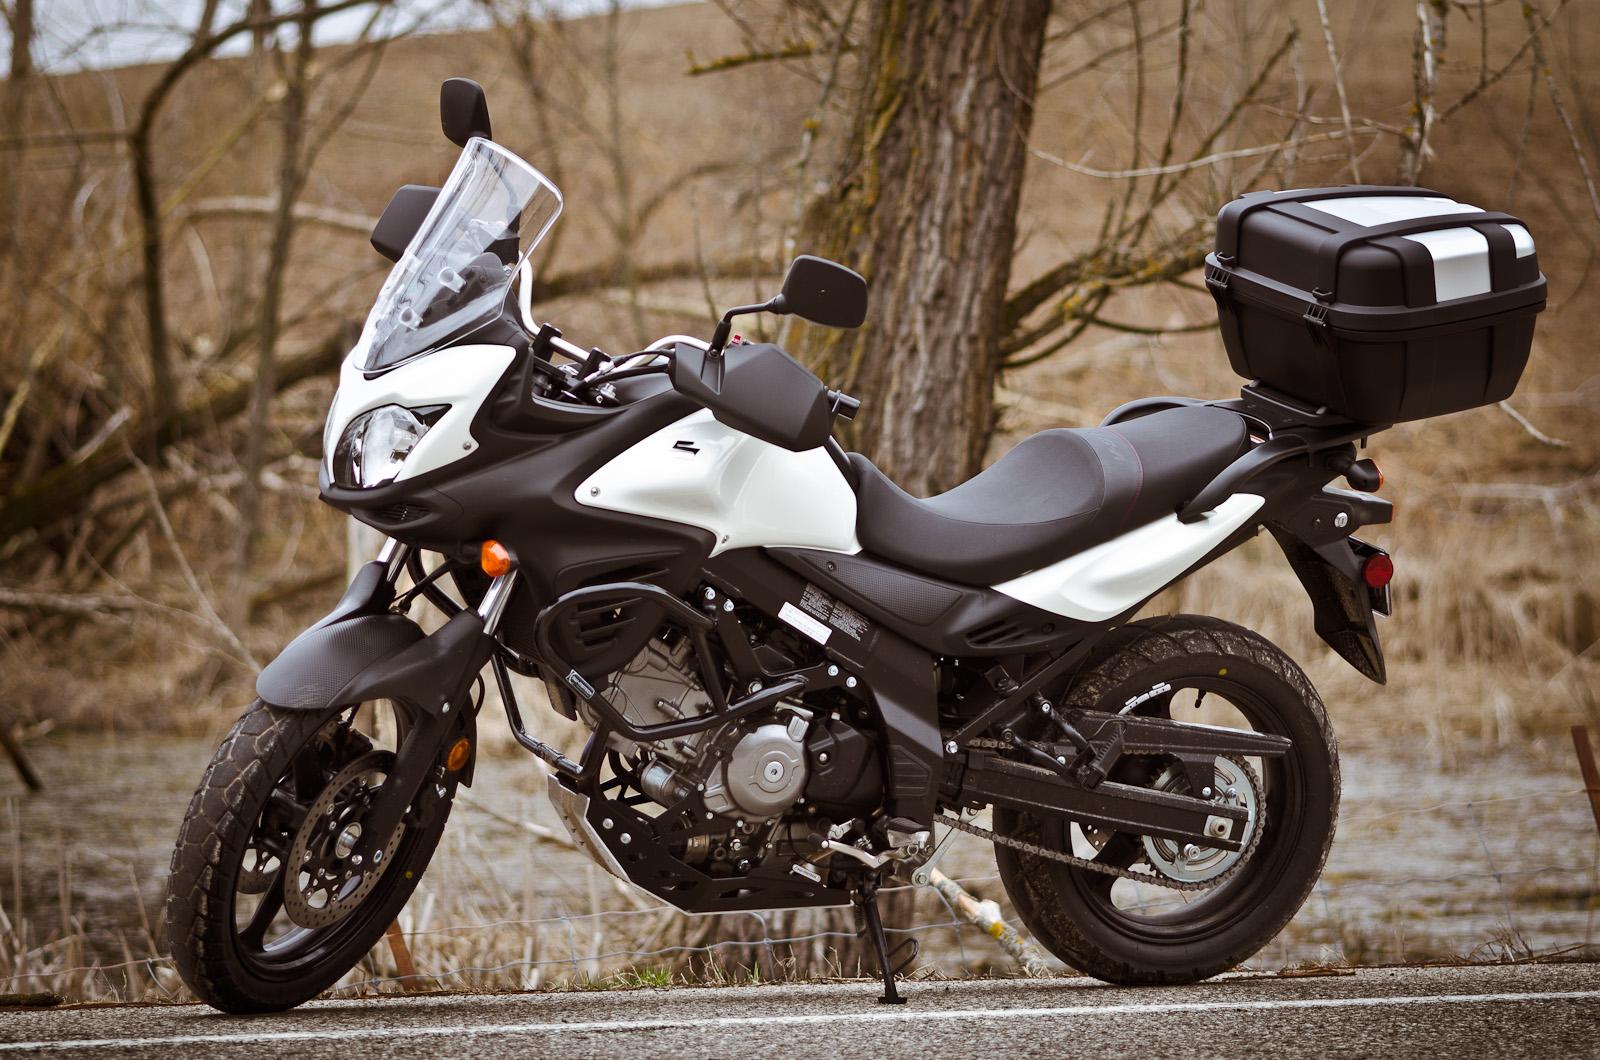 motorcycle-2012-suzuki-v-strom-650-12.jpg